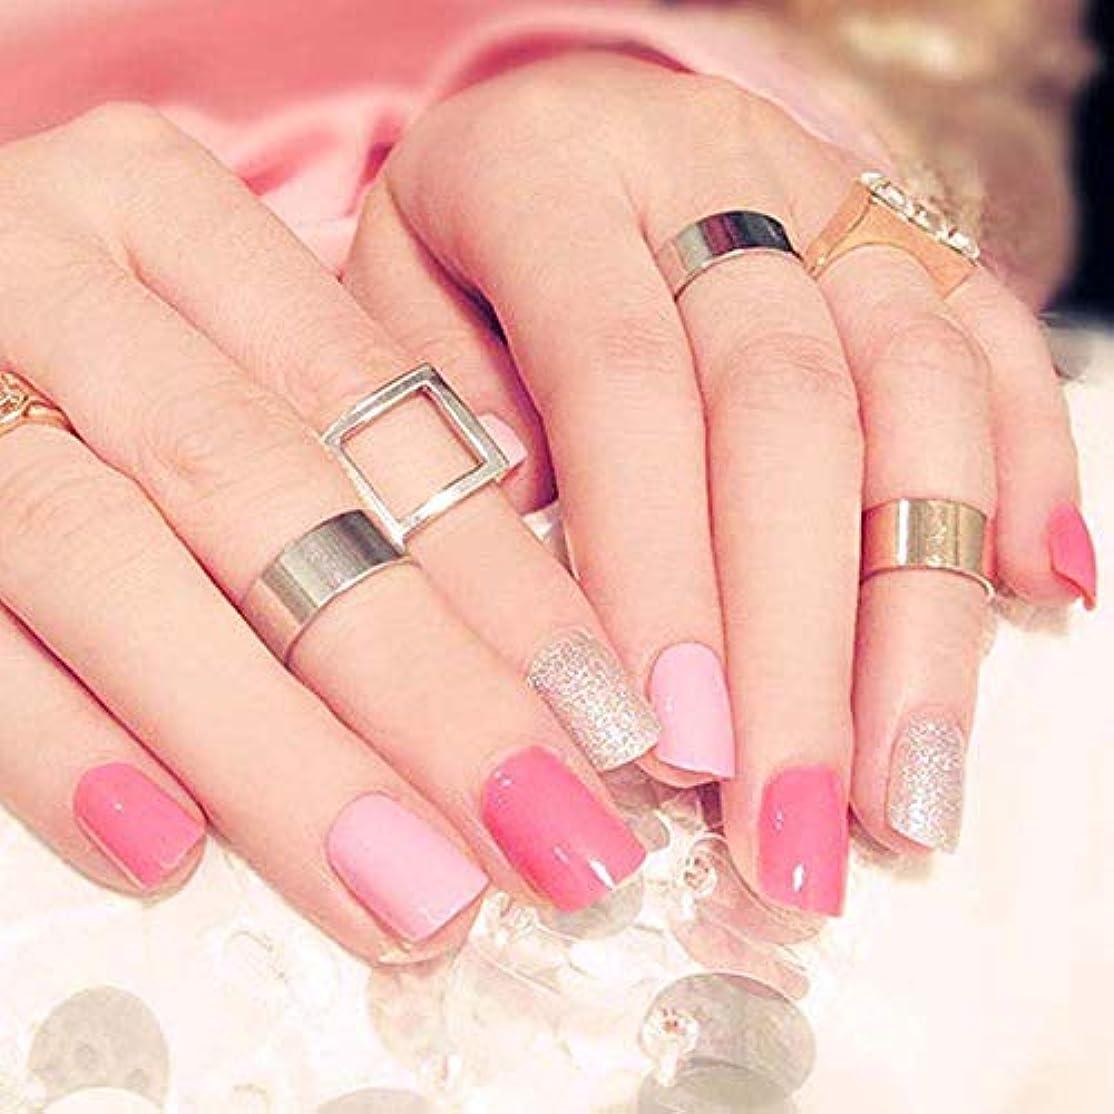 カメラ笑い日常的にXUTXZKA 24ピースピンク色偽爪女性きらめきグリッターネイルアートのヒント短いサイズフルカバービルド爪